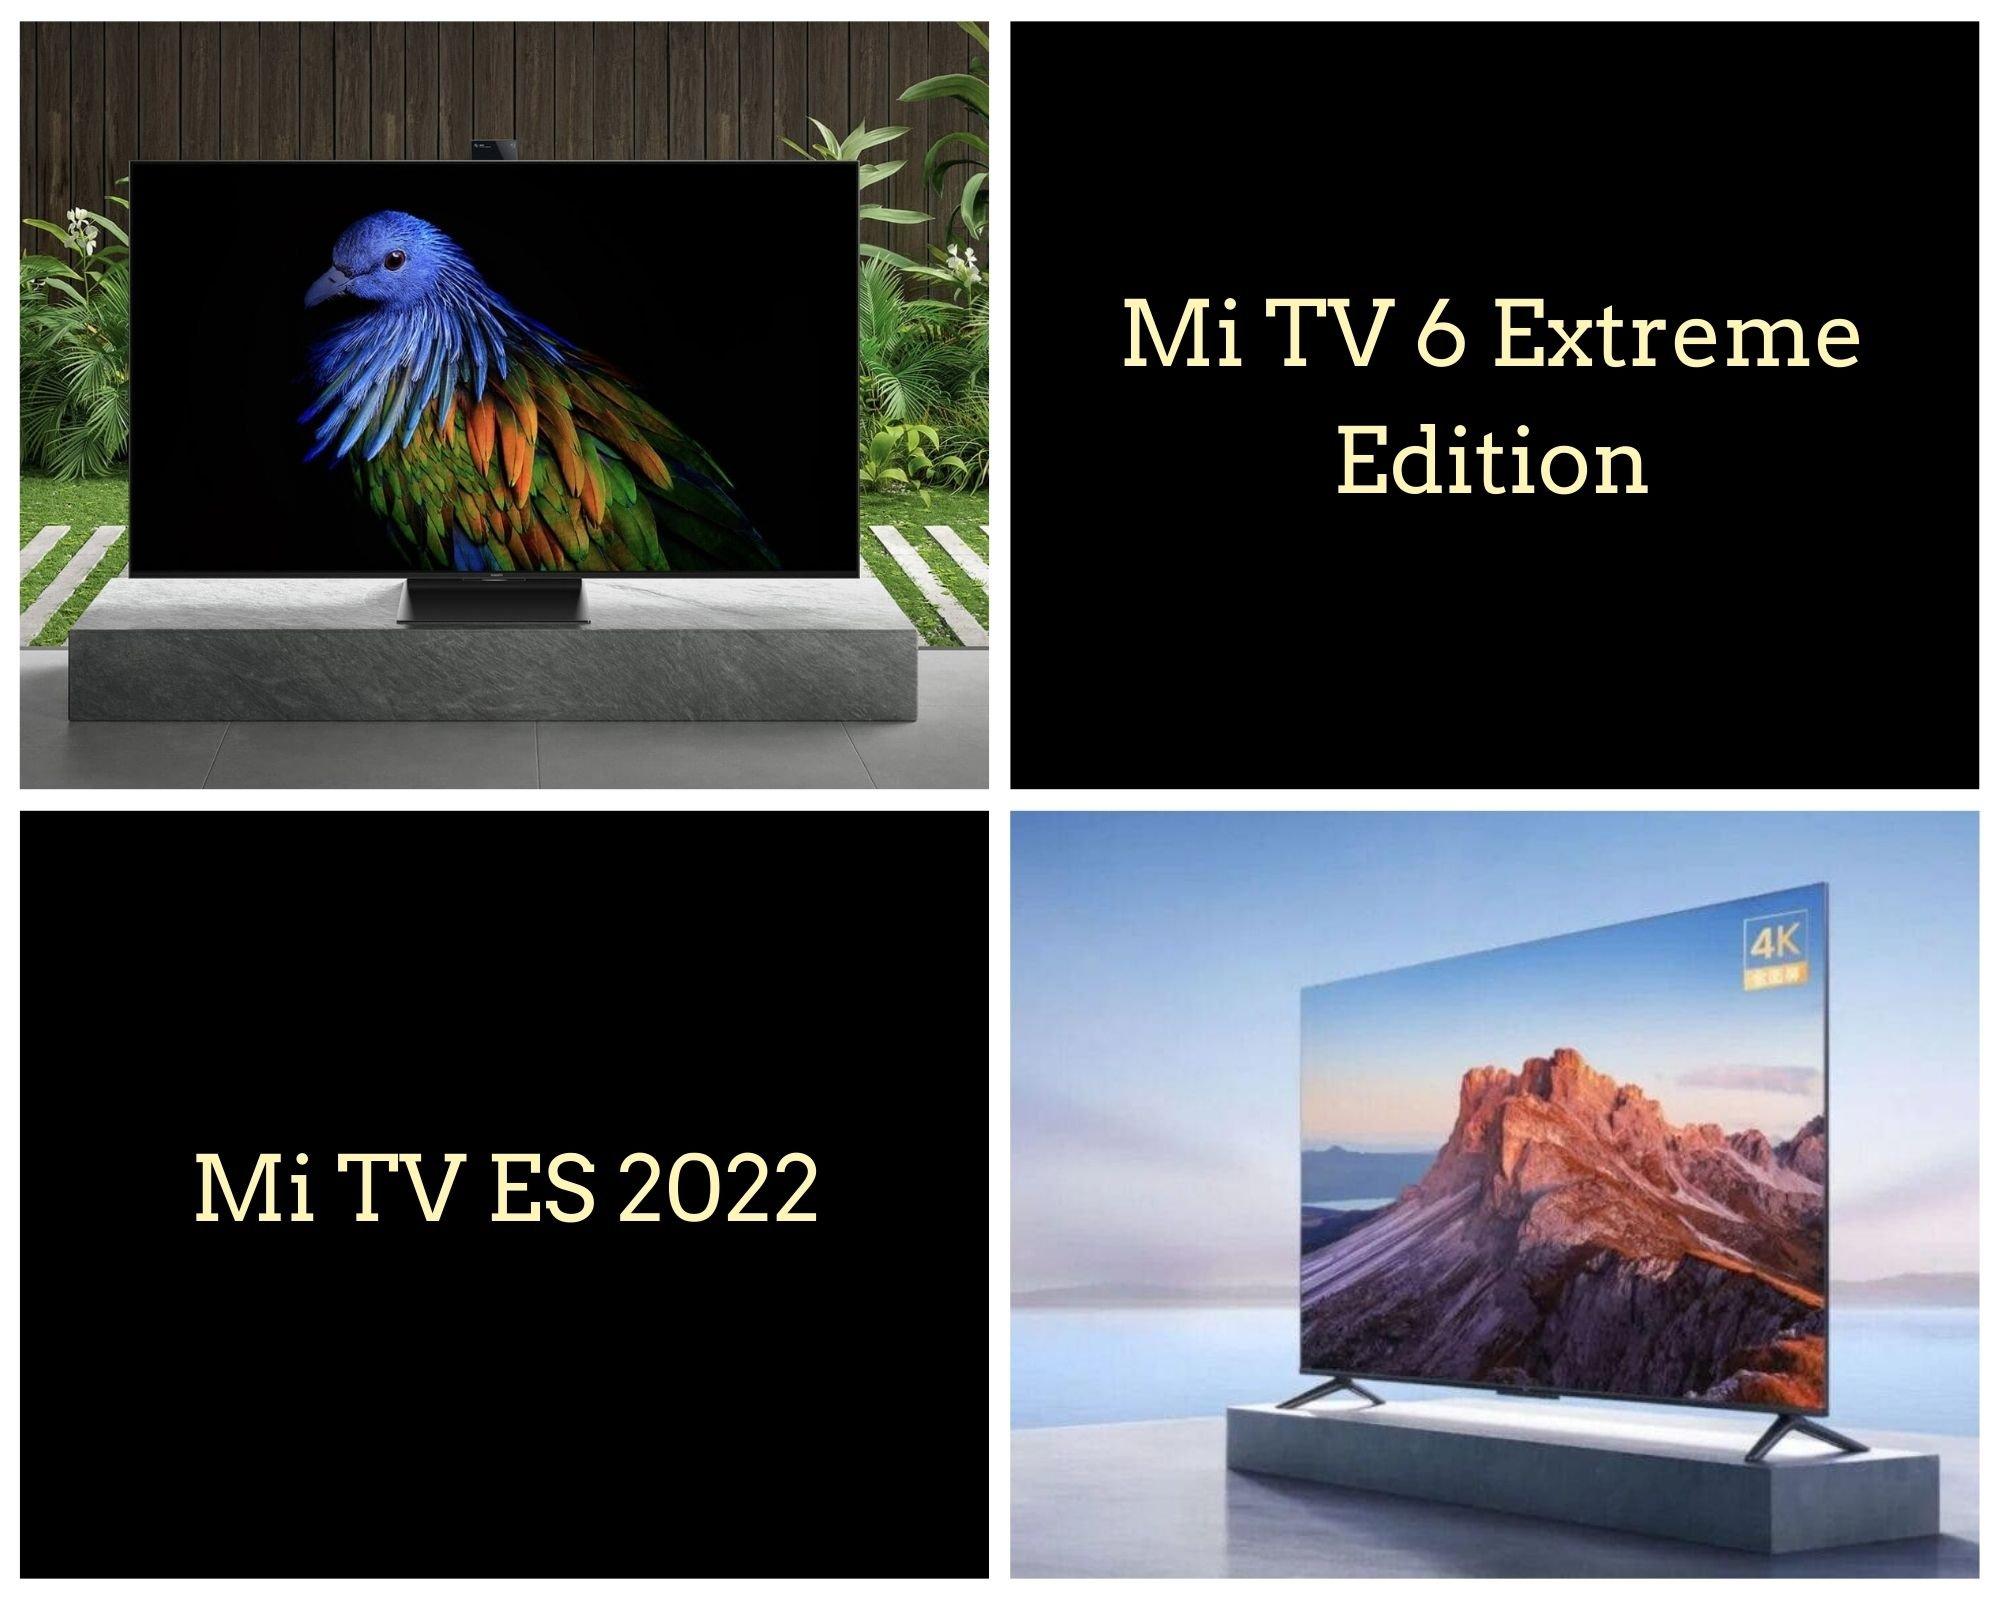 Mi TV 6 Extreme Edition And Mi TV ES 2022